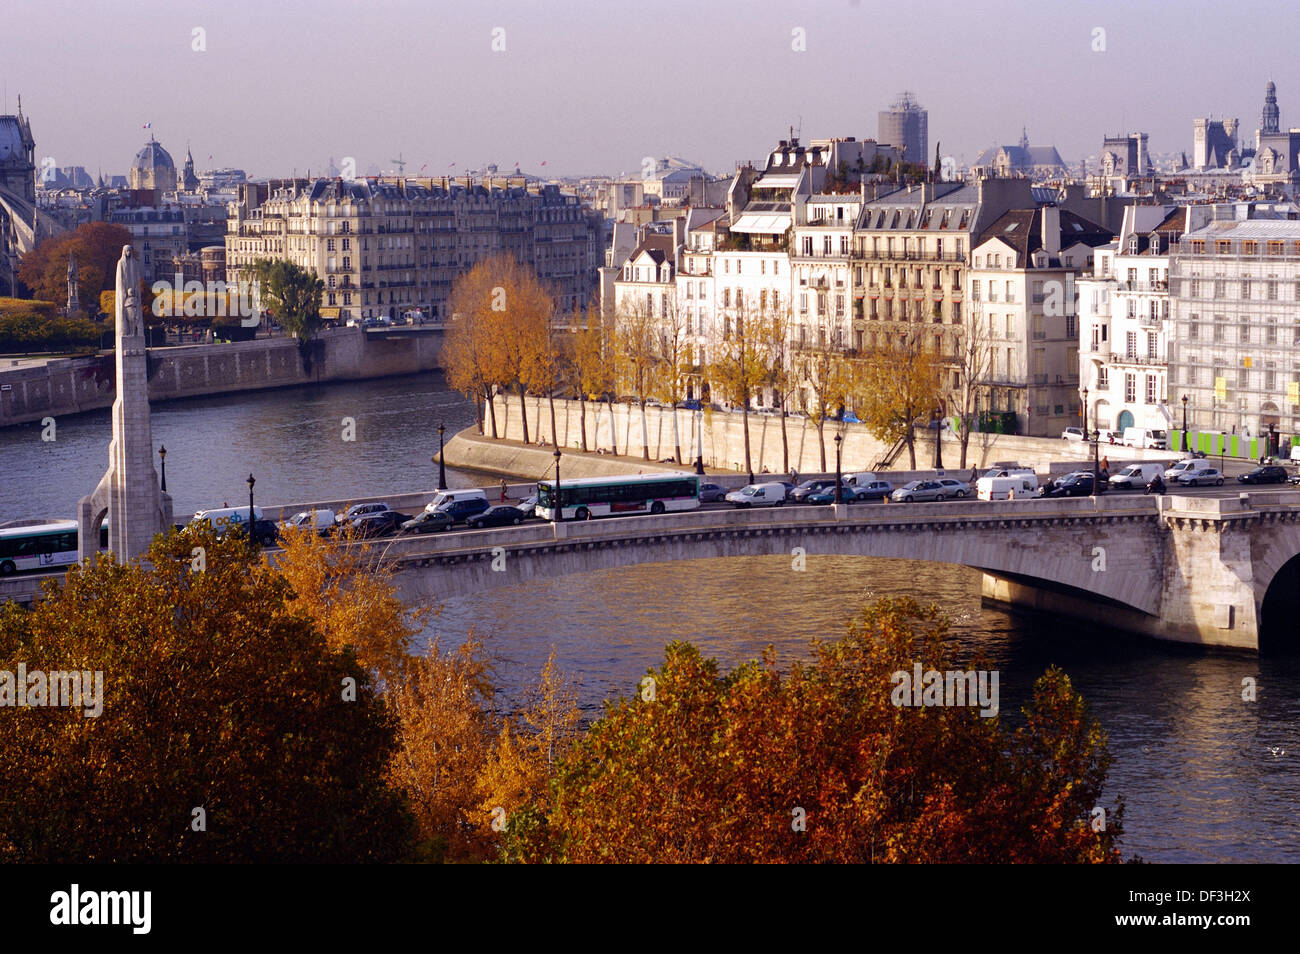 Aerial view of Île Saint-Louis and Pont de la Tournelle. Paris. France - Stock Image